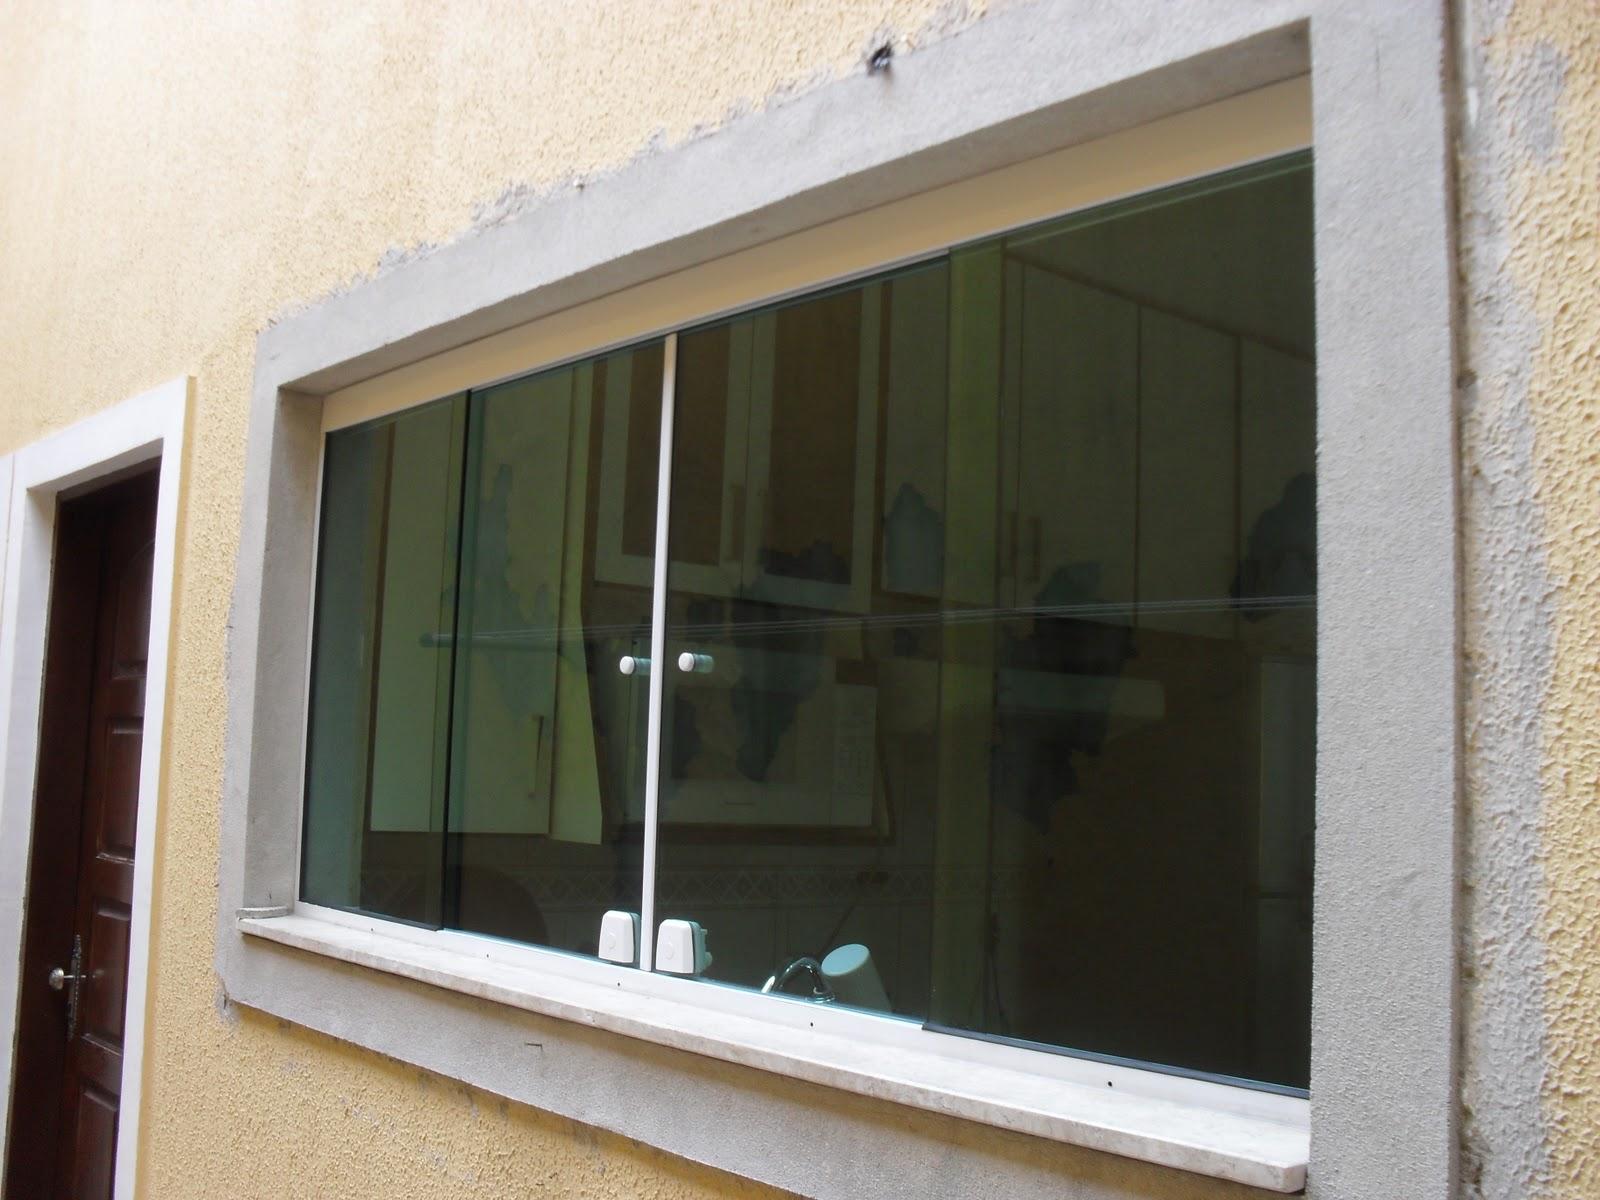 #856D46 Jato Glass Vidraçaria: Janela 4 folhas em vidro temperado (cozinha) 444 Janelas De Vidros Temperados Preços